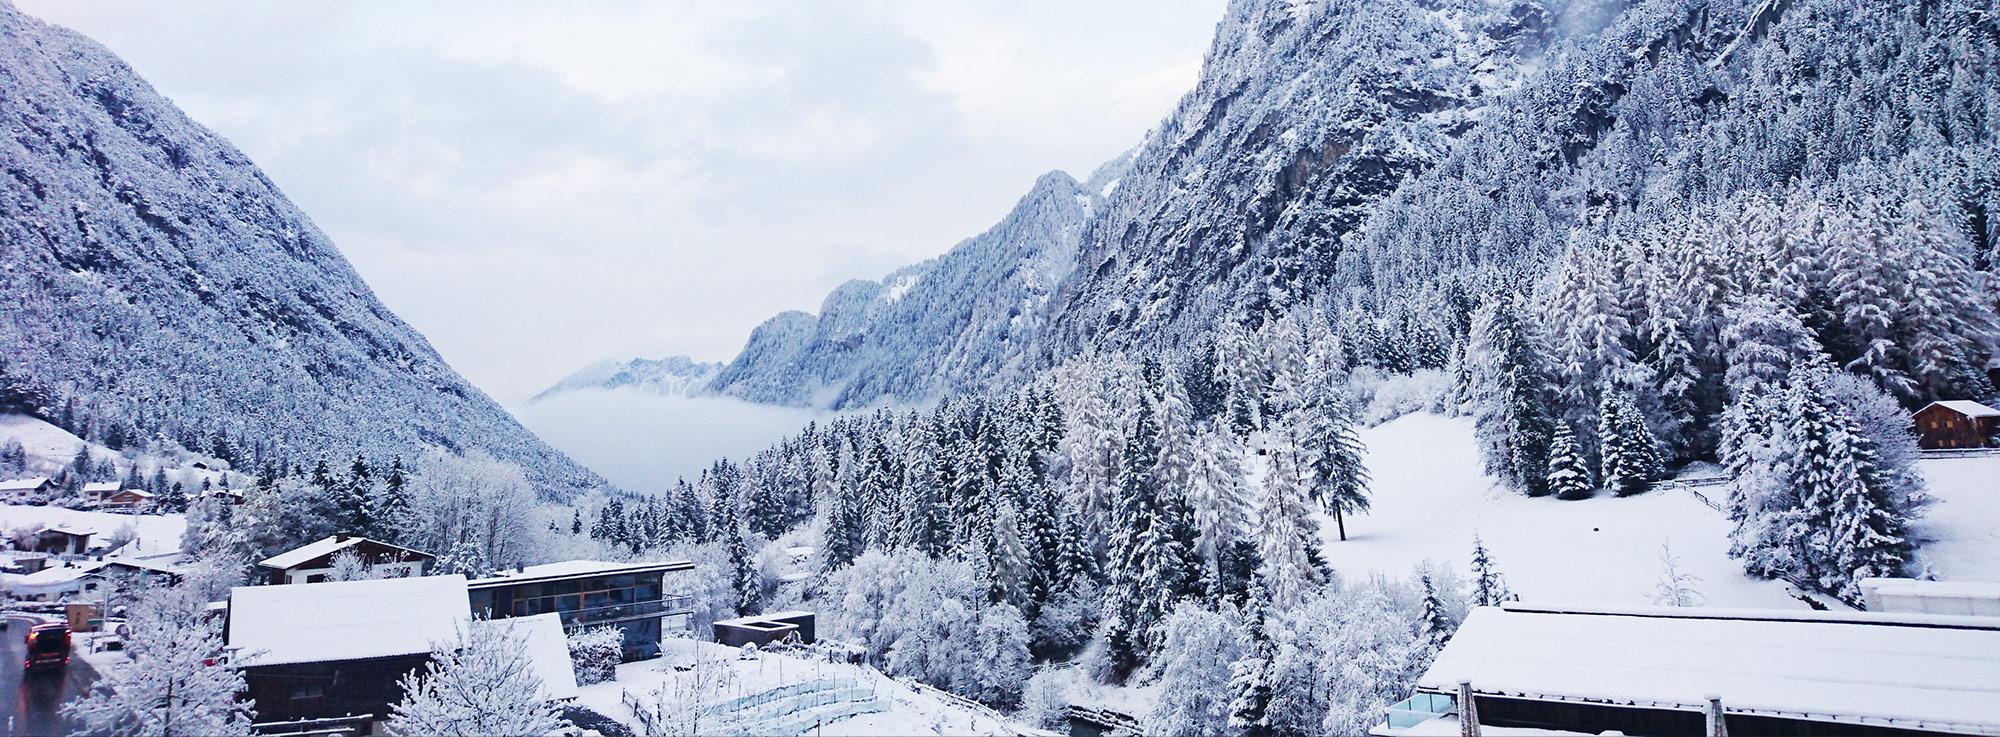 Der erste Schnee ist da. Seid ihr bereit?